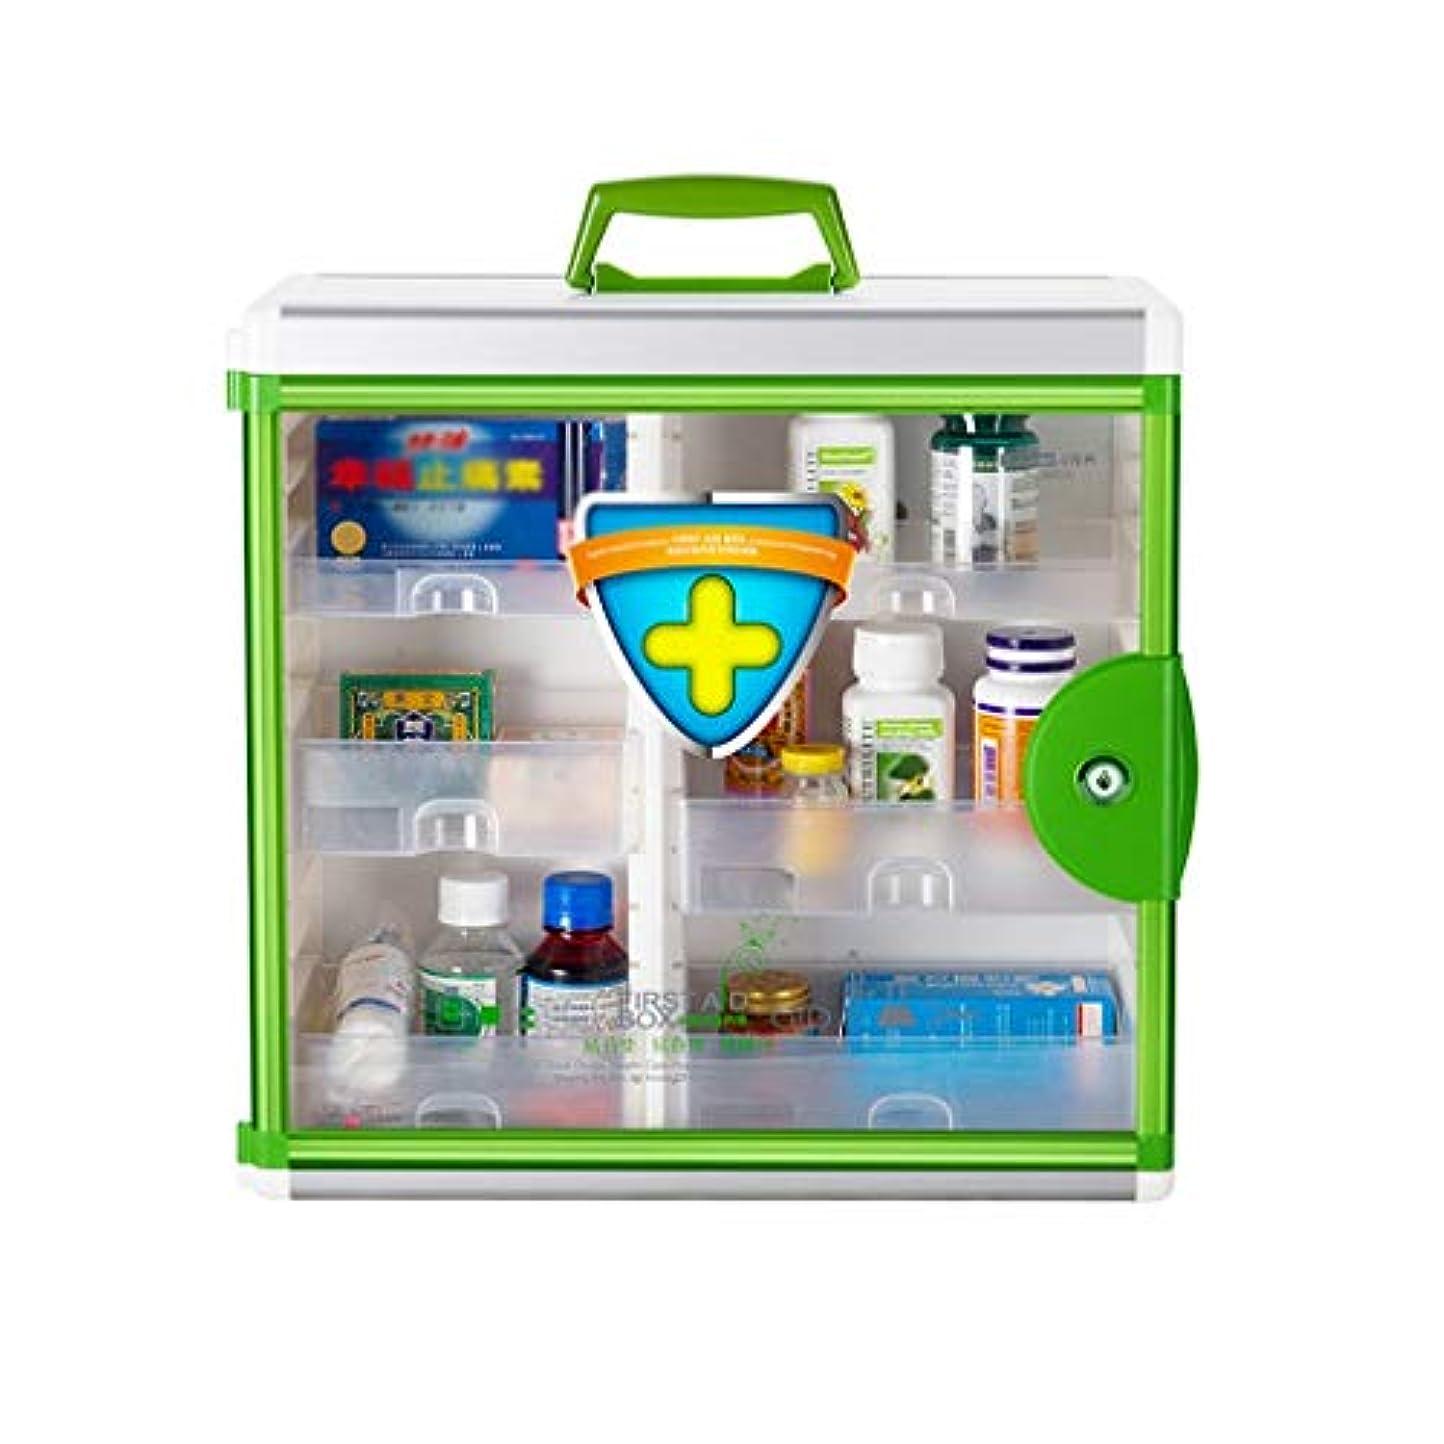 分泌する伝染病種をまくNYDZDM 保証ガラスドア、壁の台紙アルミニウム医学のキャビネットの食器棚のロッカーと医学ロックできる応急処置